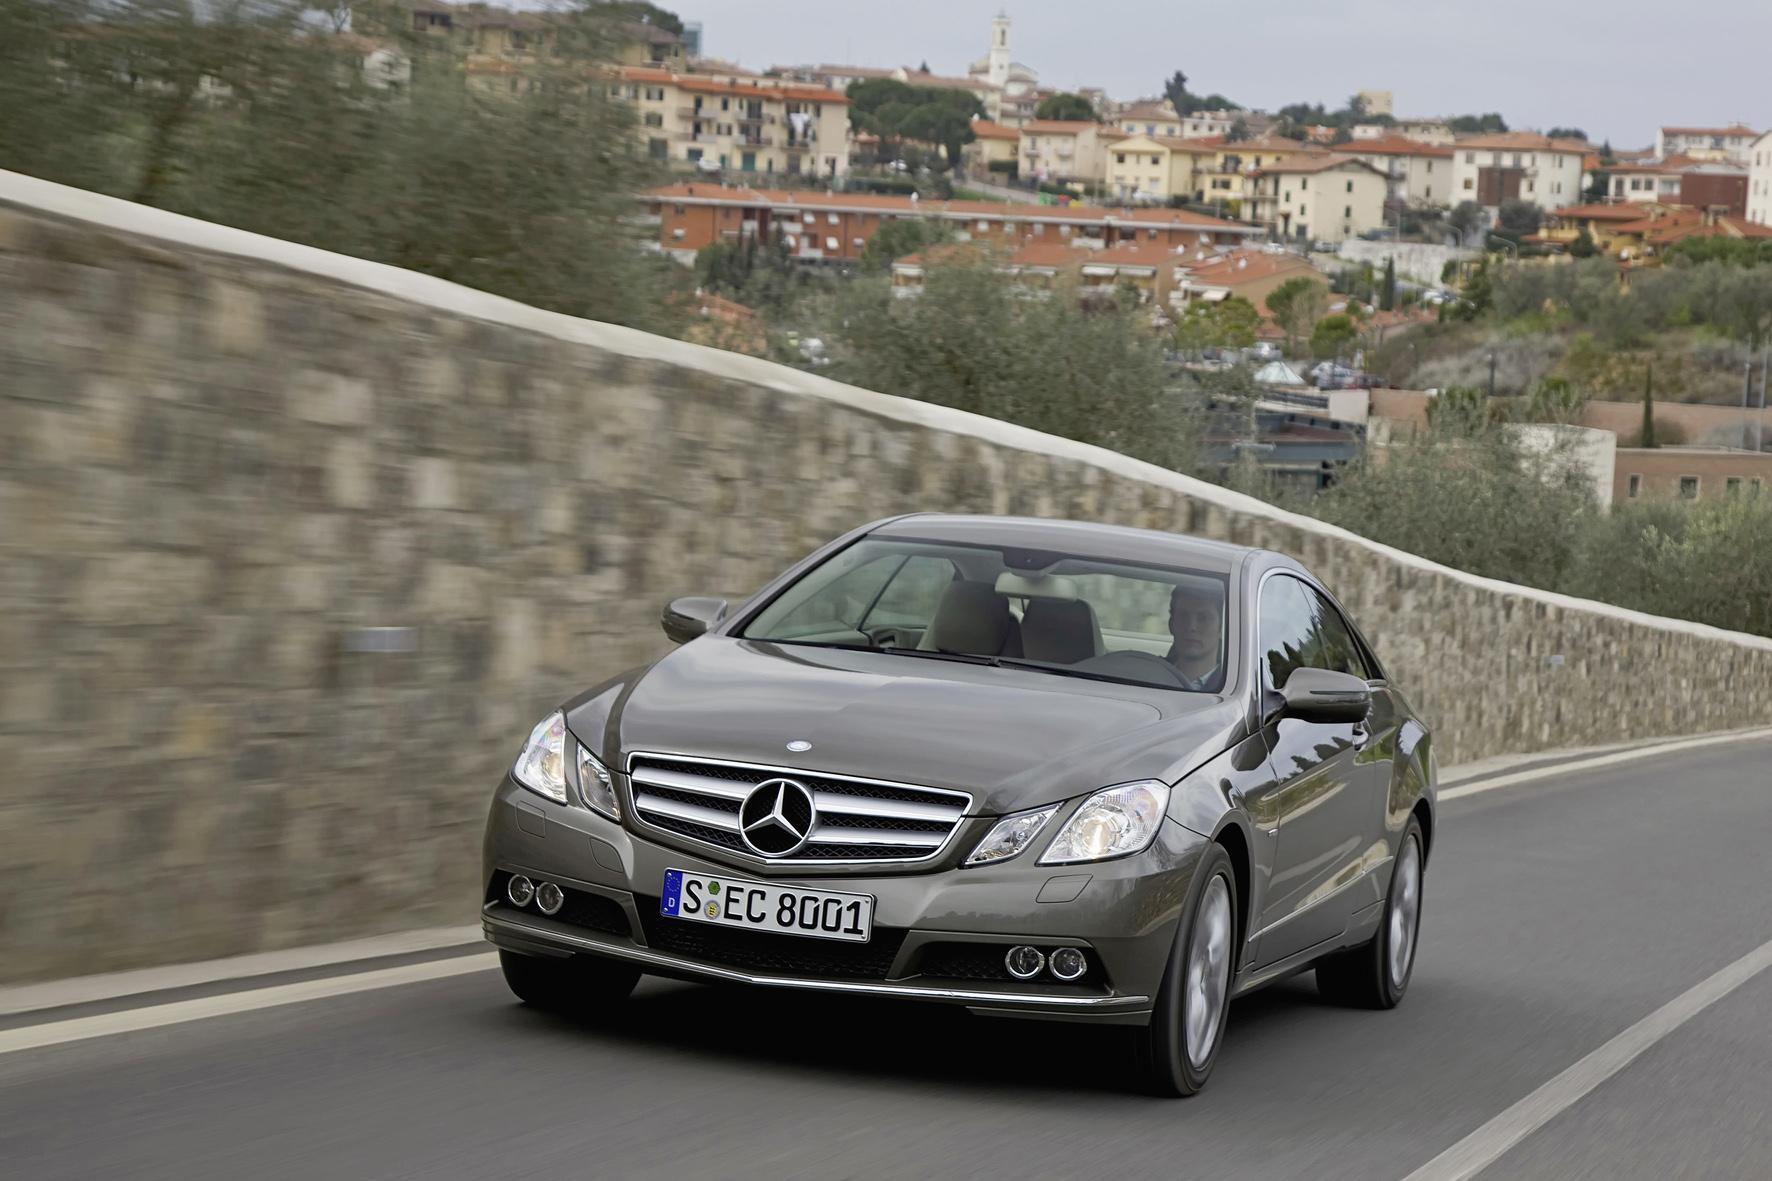 Feuergefahr: Daimler ruft 150 000 Autos zurück